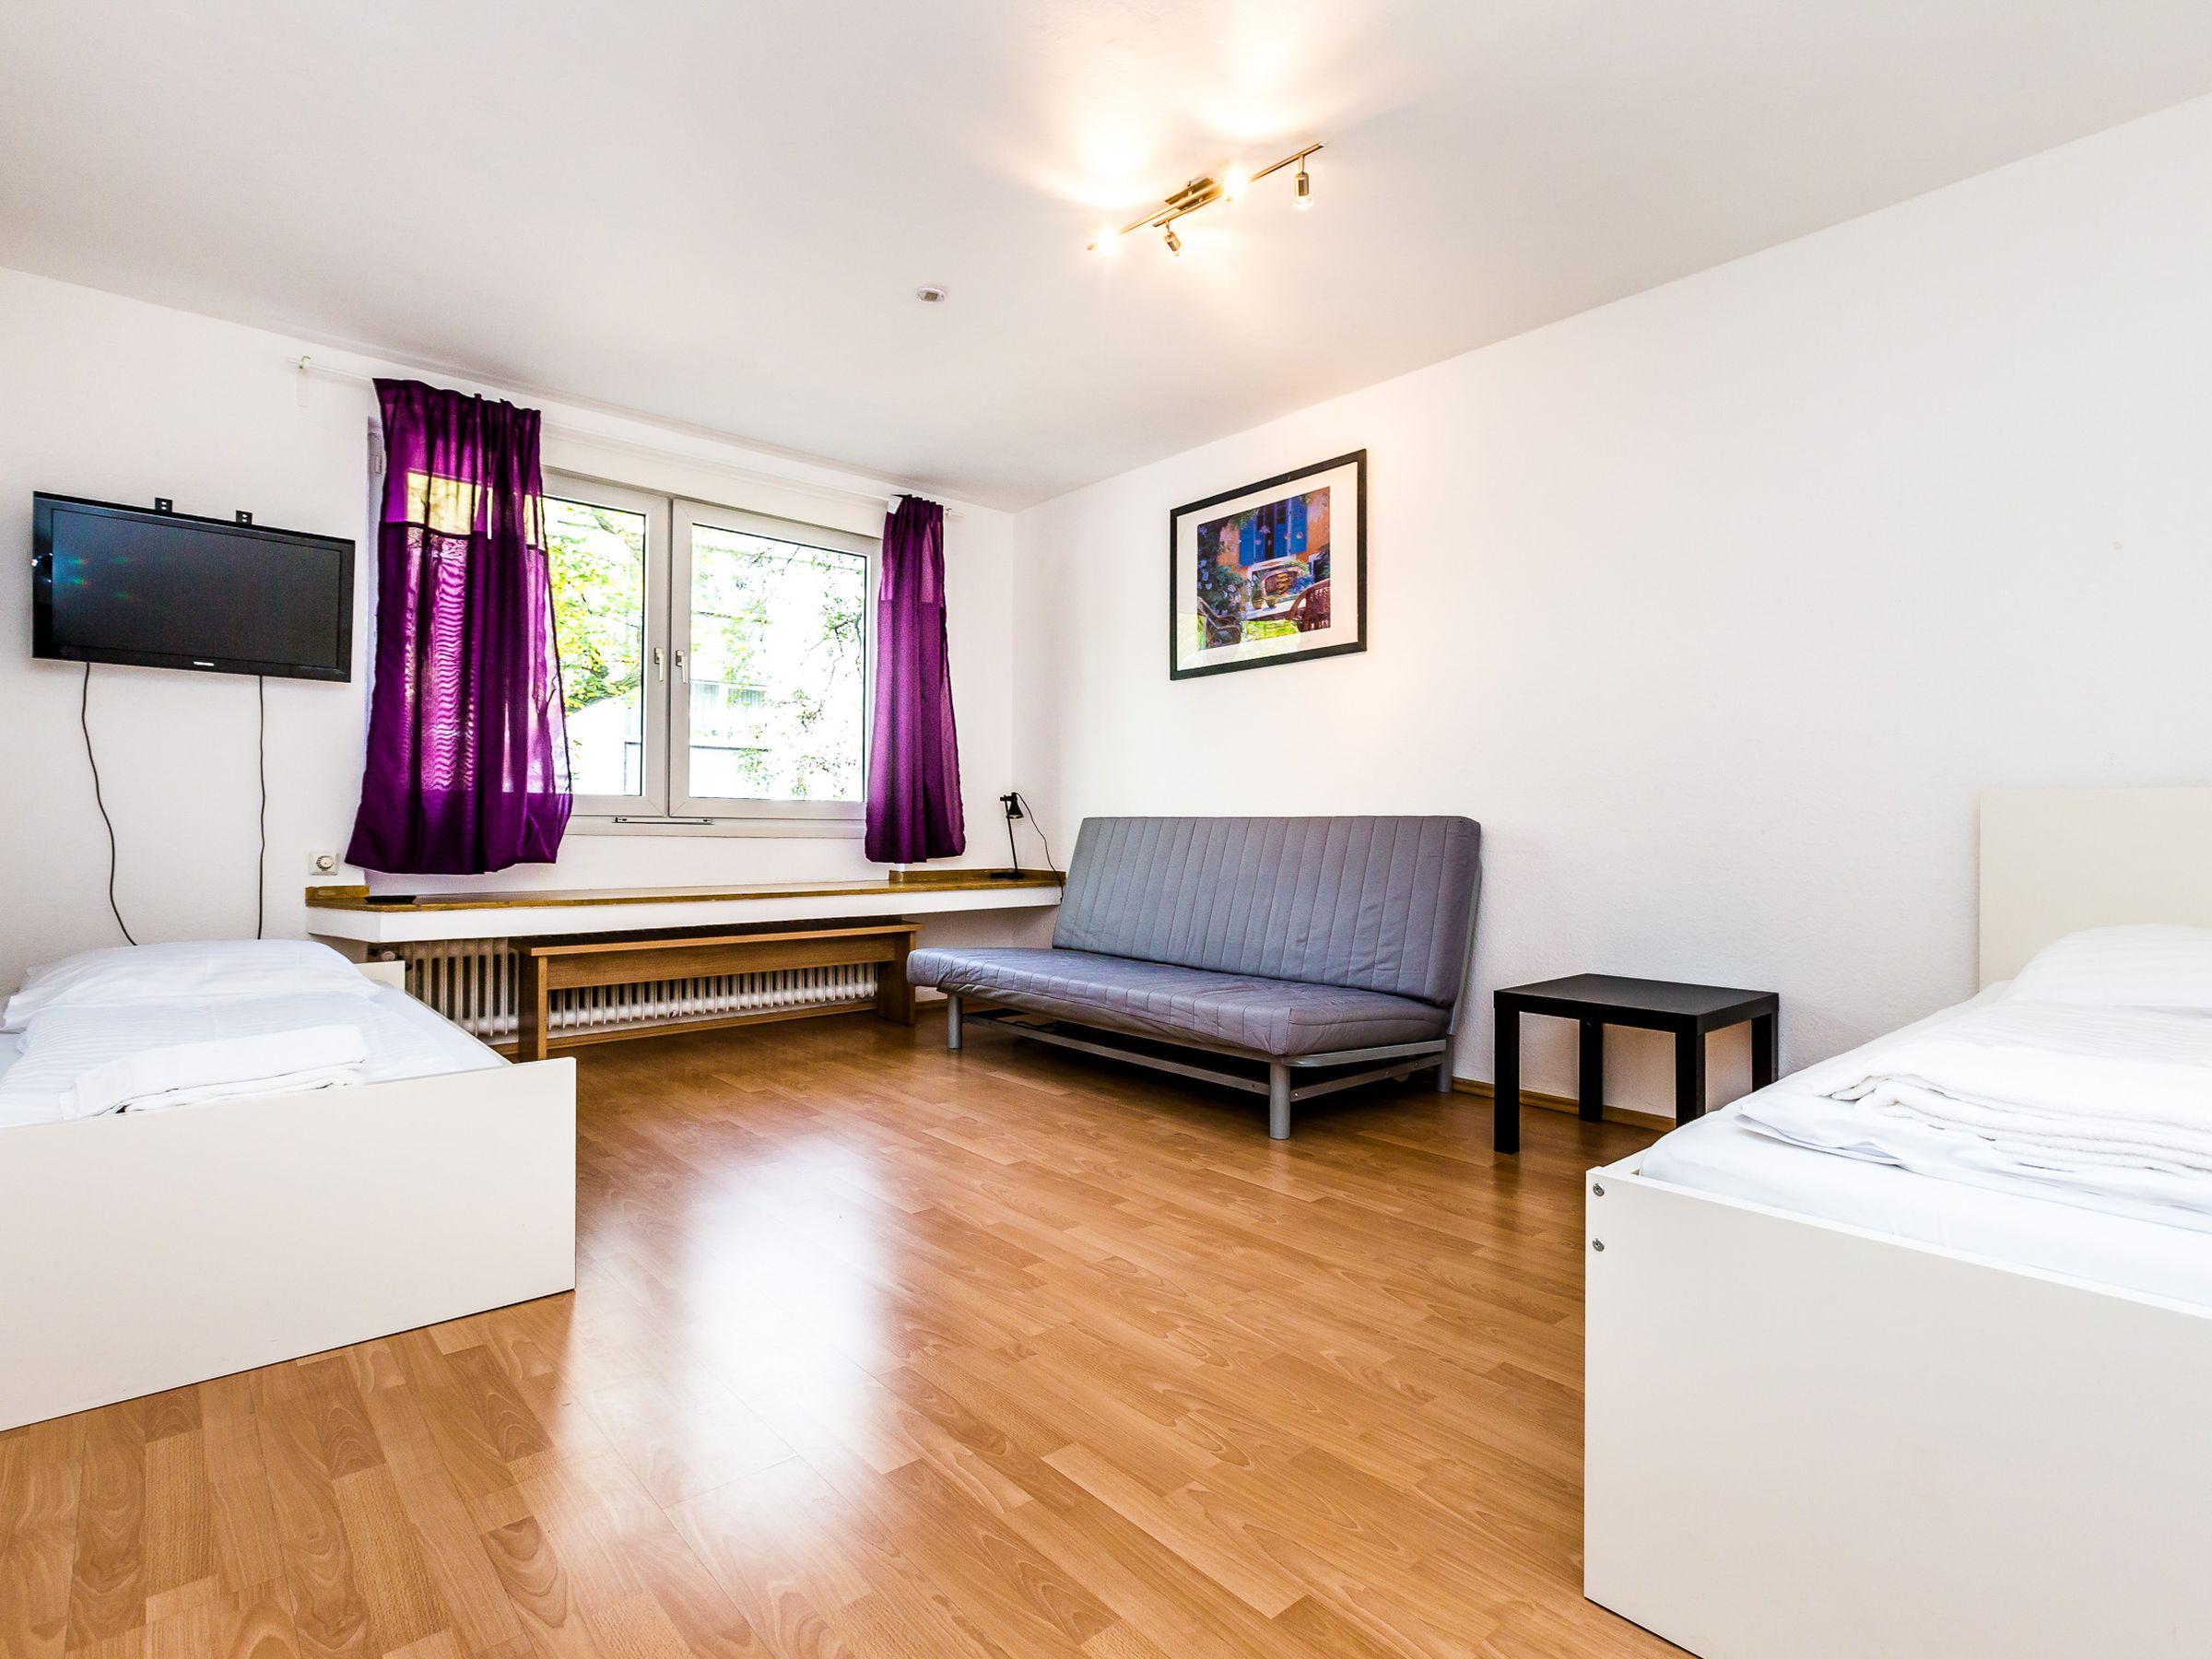 K63 and K66 Apartment, (Köln). Ferienwohnung K66, 57qm, 1 Schlafzimmer, 1 Wohn-/Schlafzimmer, max. 5 Personen